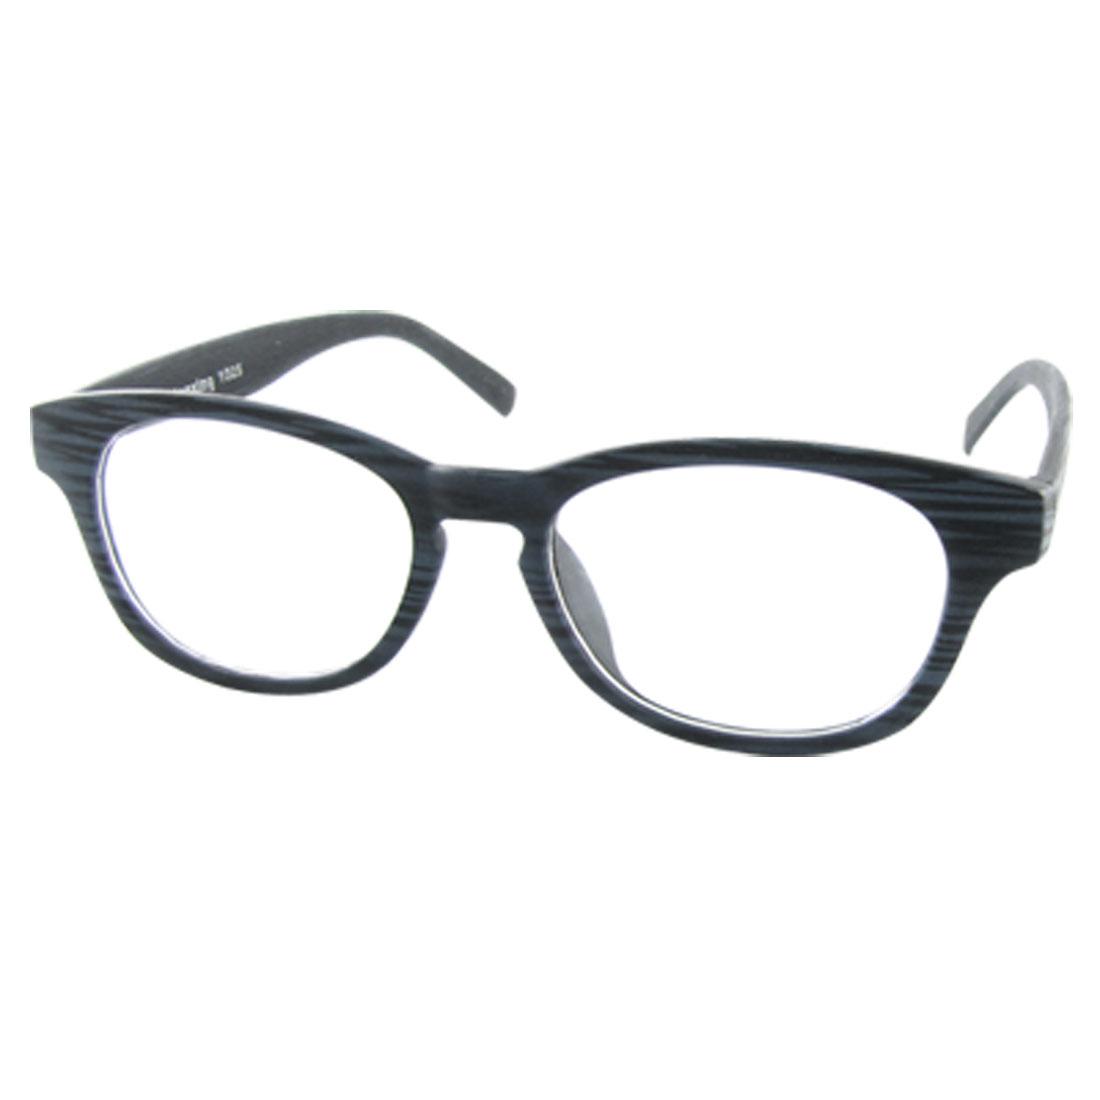 Oval Clear Plain Lens Blue Arm Wood Grain Style Eyewear